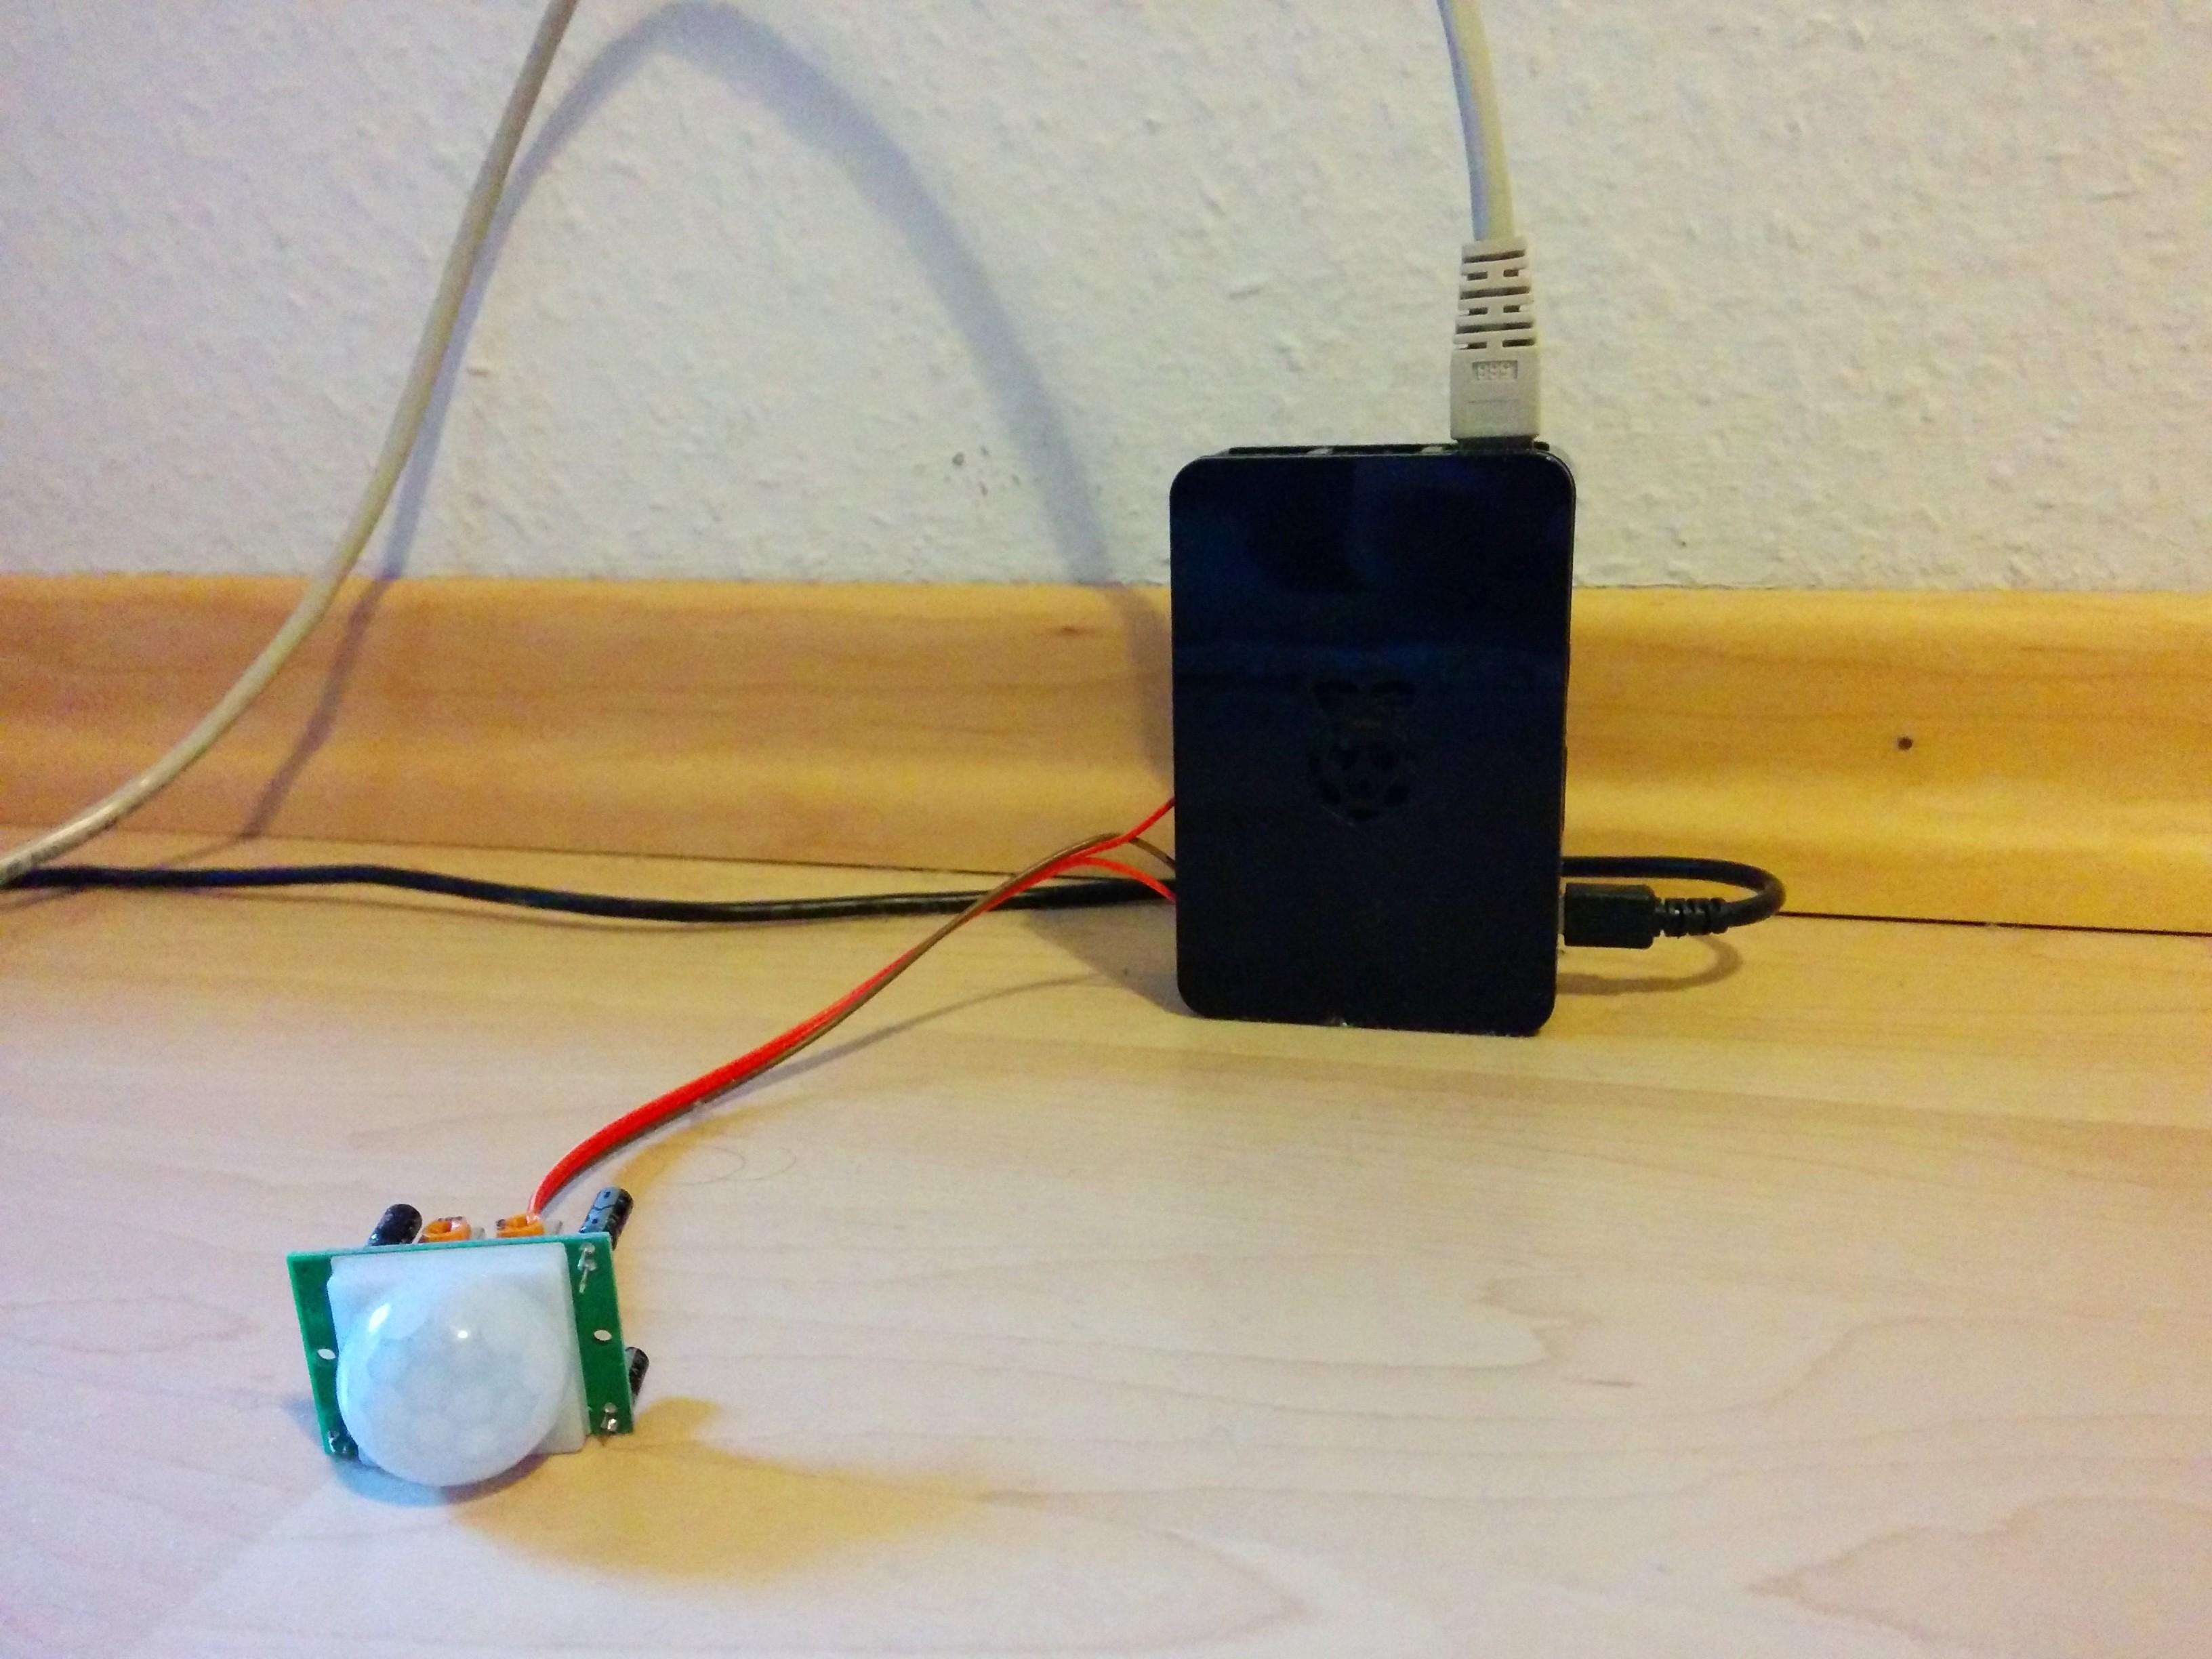 PIR-Sensor-Daten sammeln mit InfluxDB auf dem Raspberry Pi